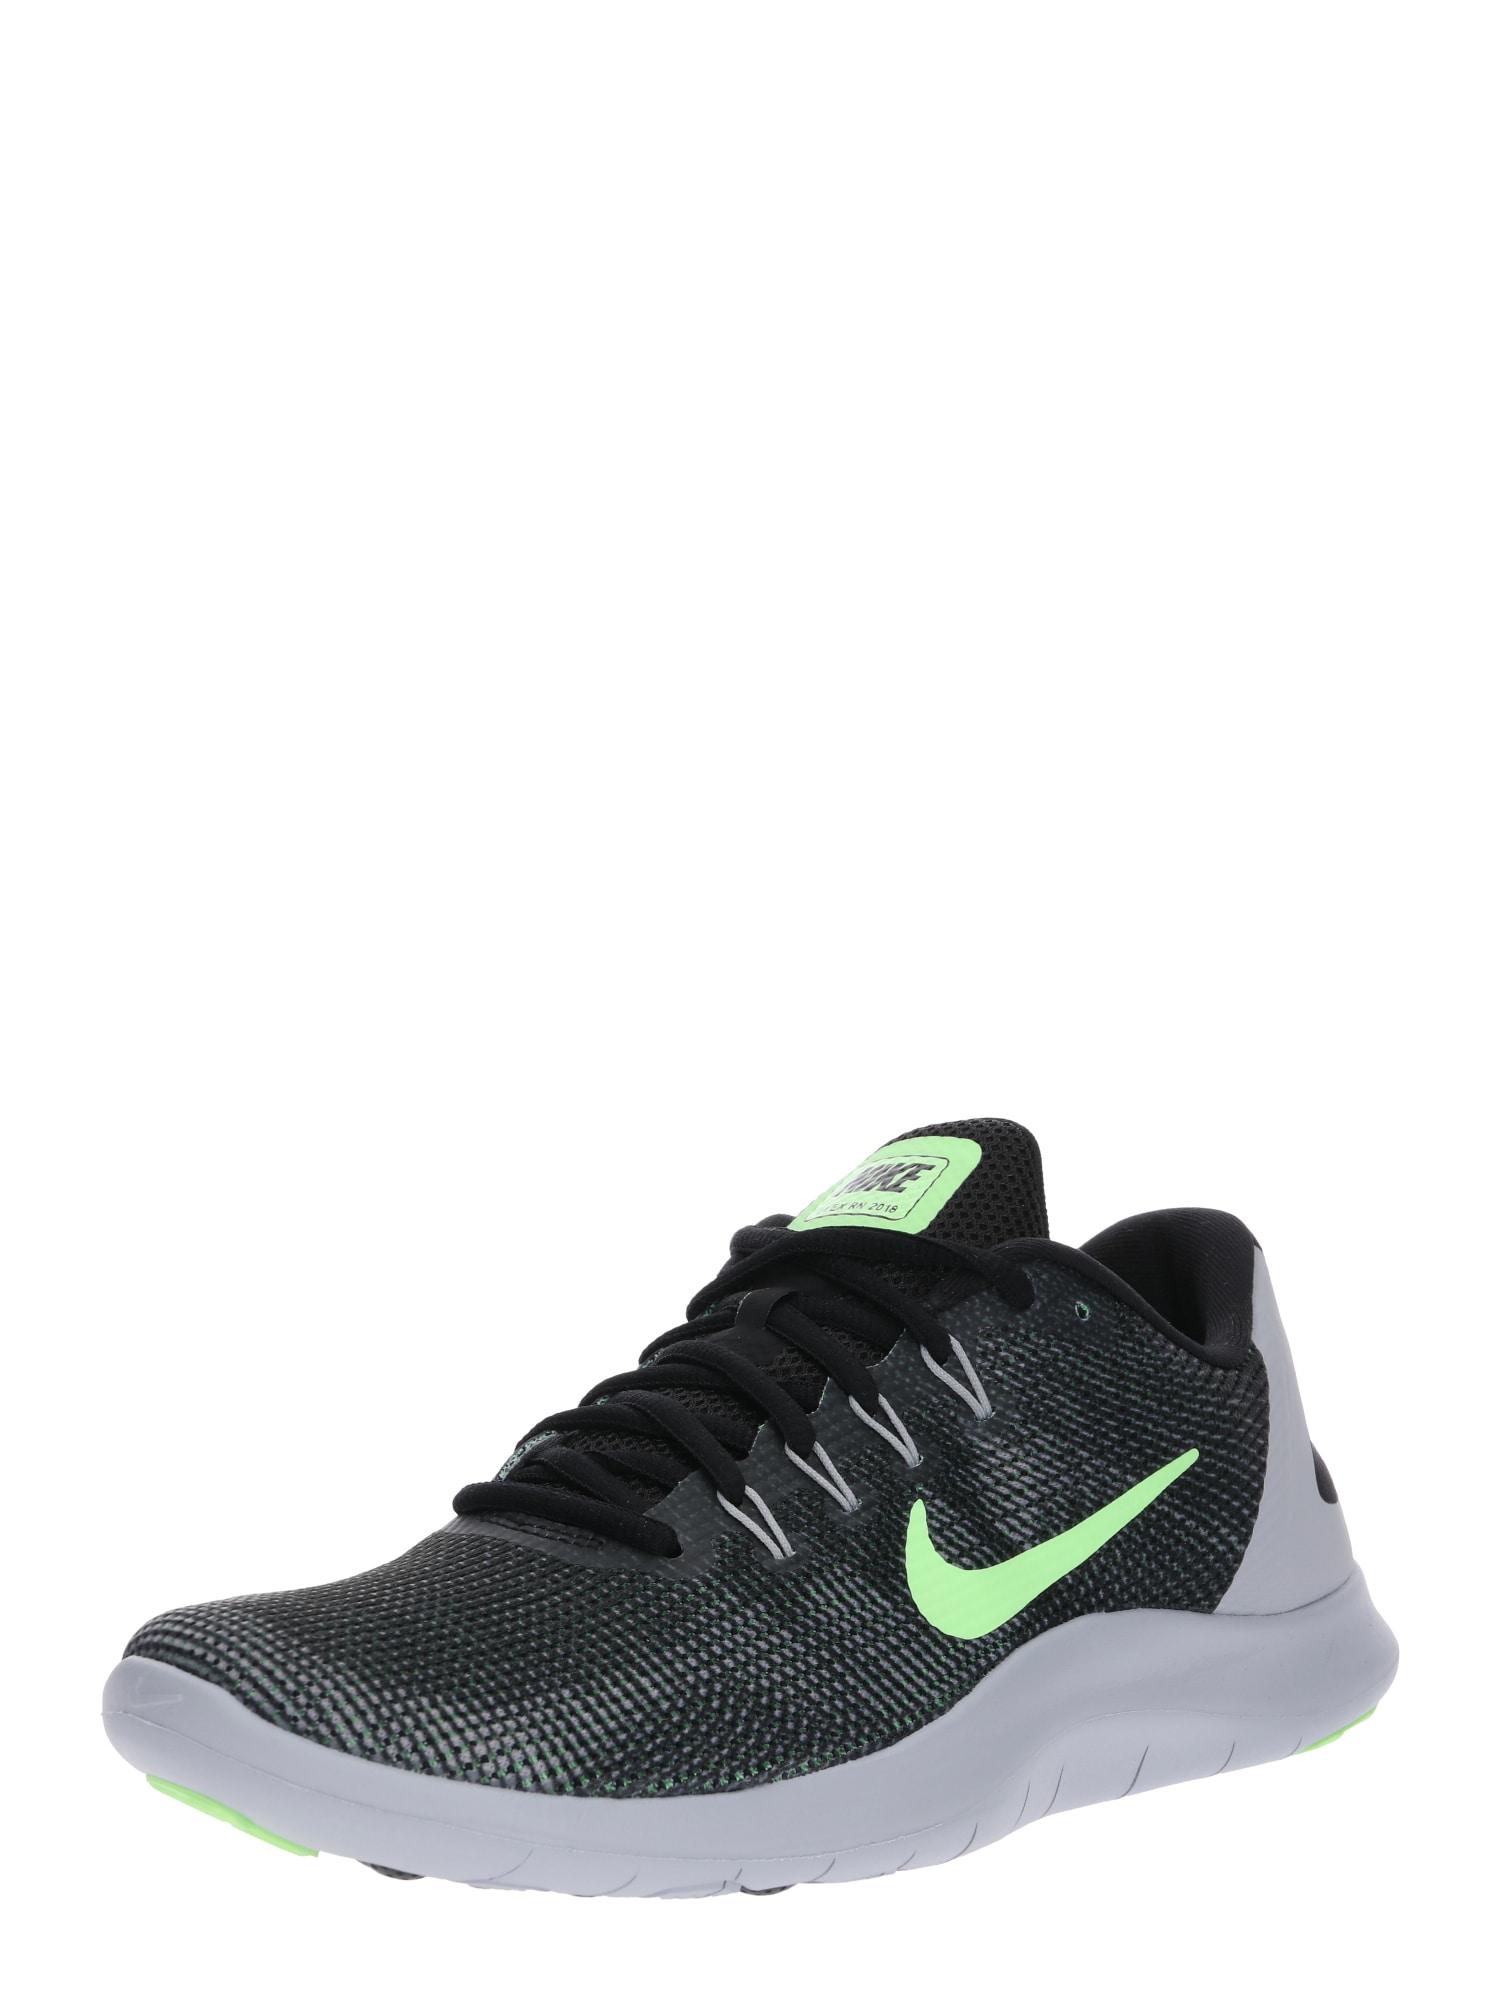 Běžecká obuv Flex Run světle šedá kiwi černá NIKE